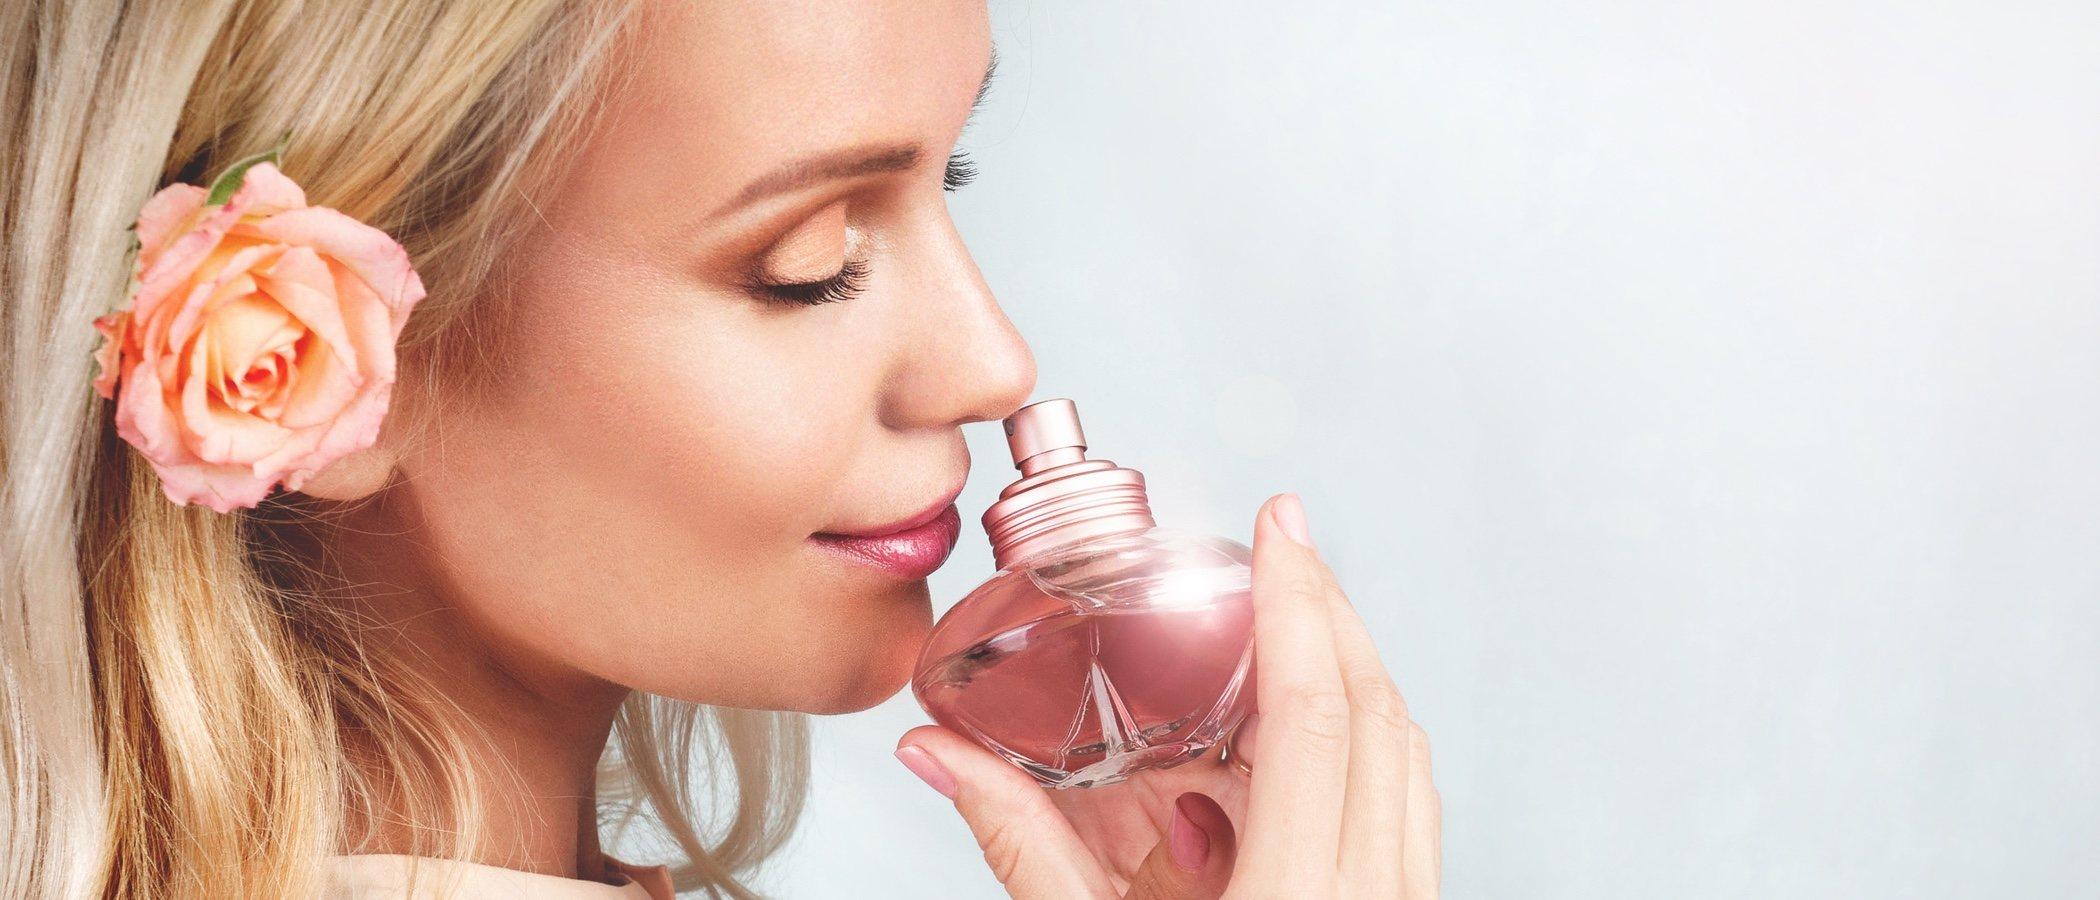 ¿Dónde aplicar el perfume?